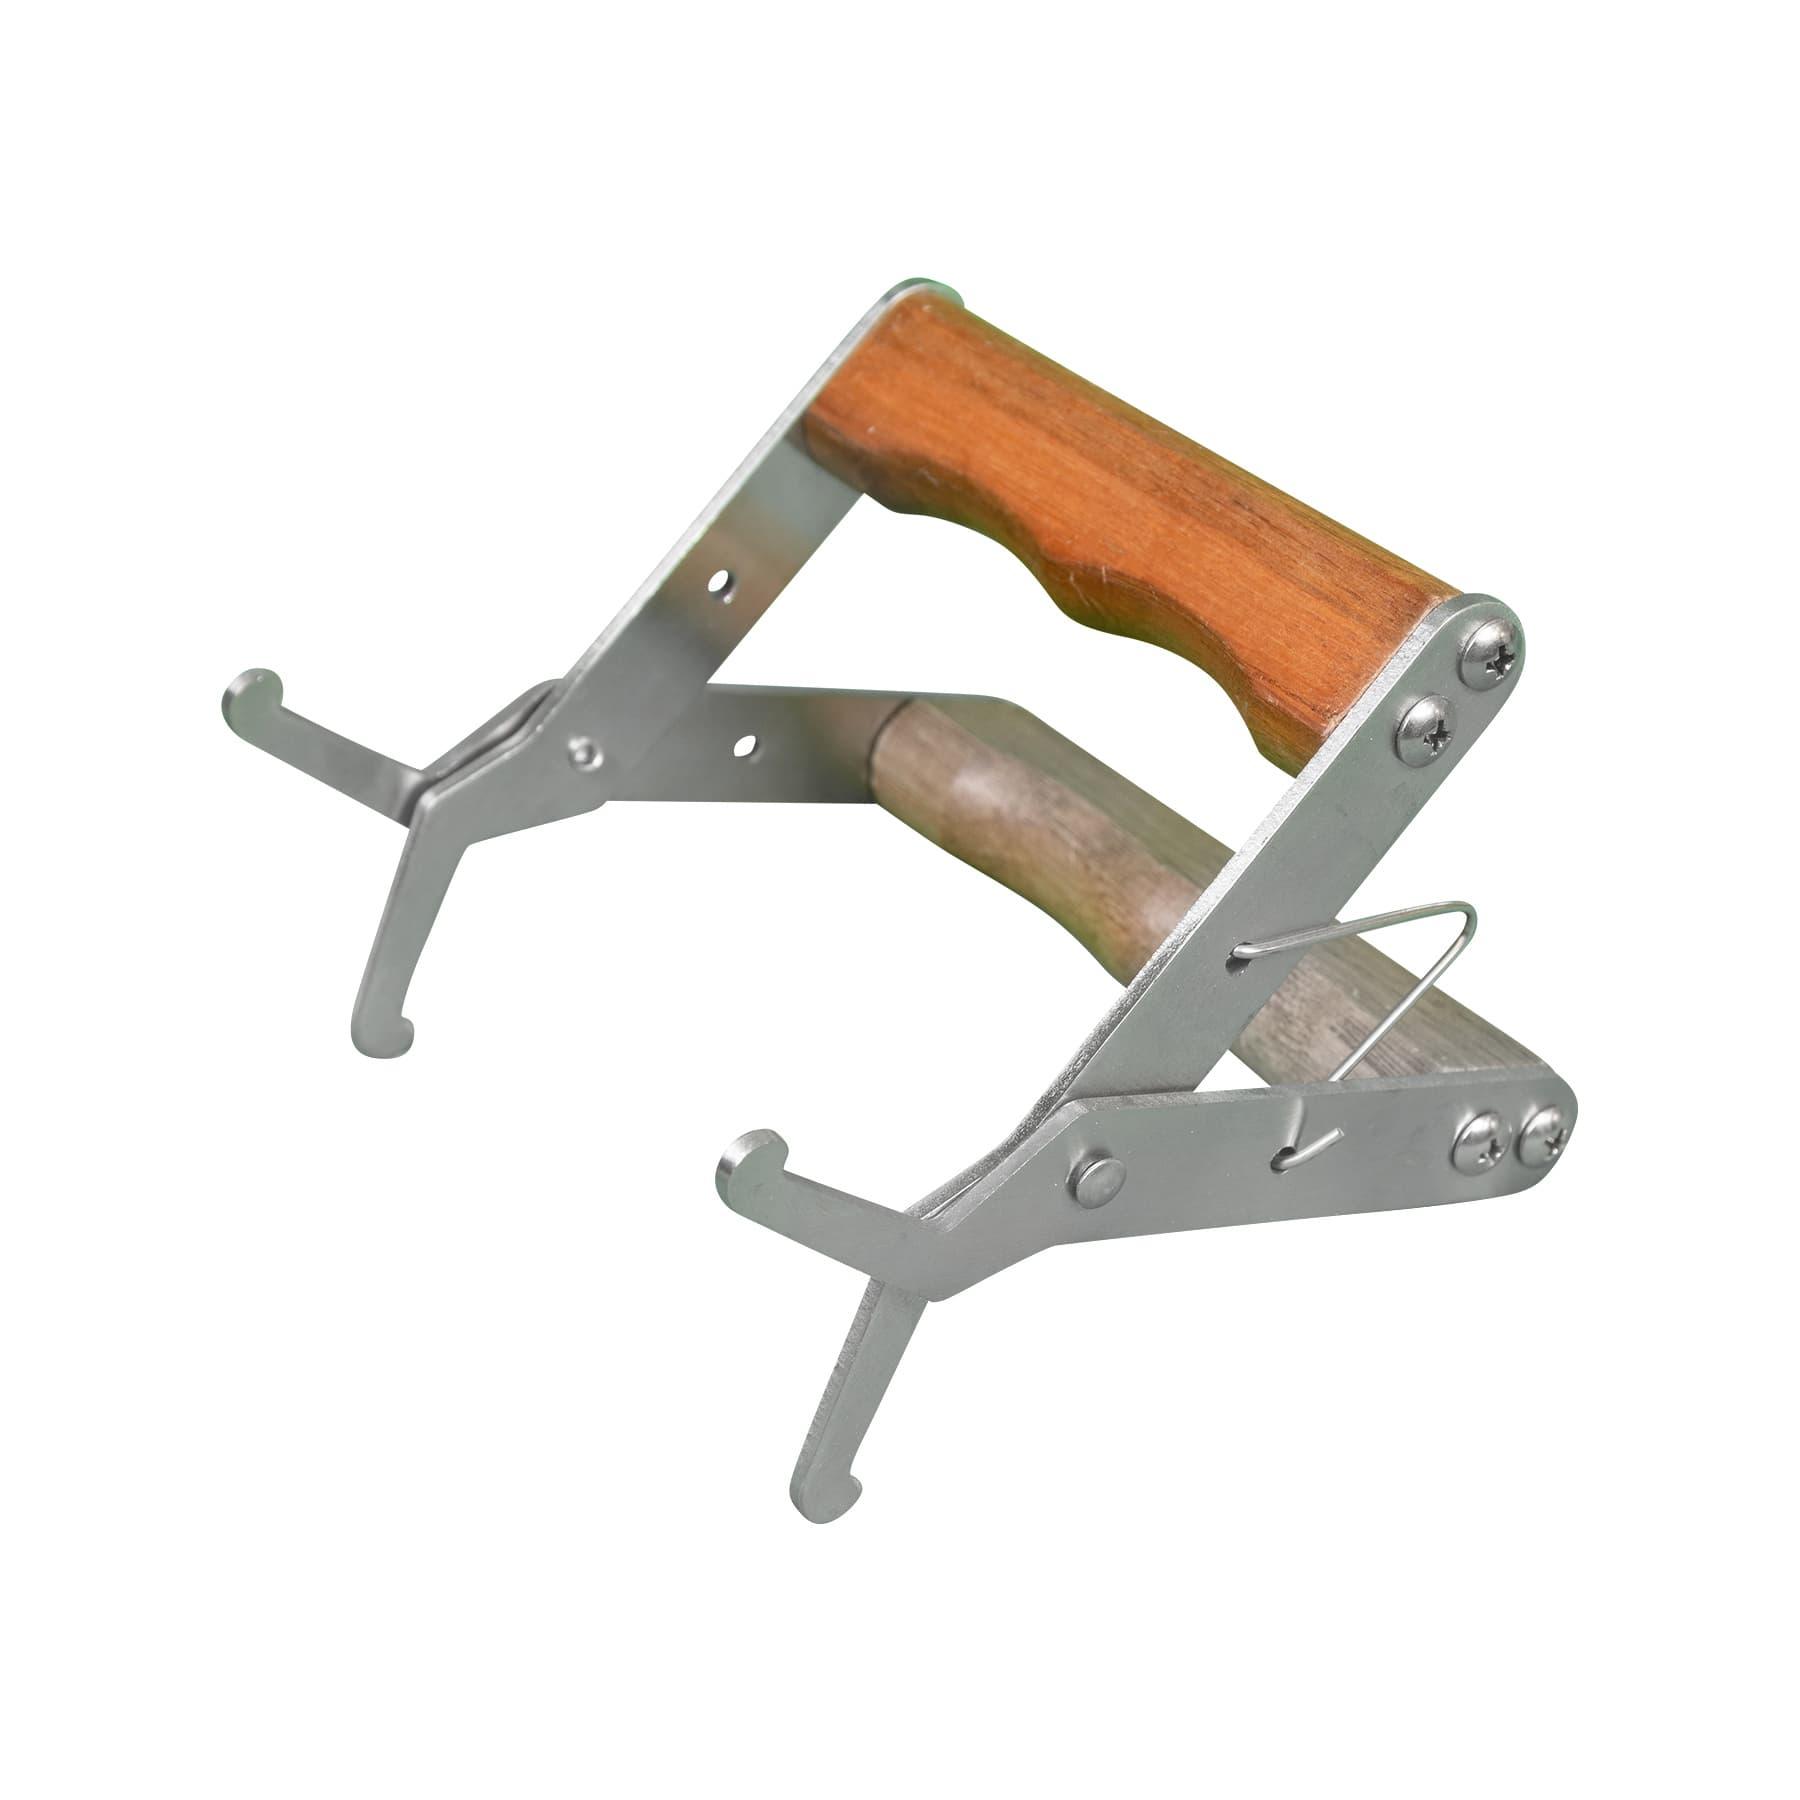 Wabenzieher (Rähmchenzieher) Komfortausführung mit breitem Holzgriff, nicht für dicke, mod. Rähmchenoberträger geeignet